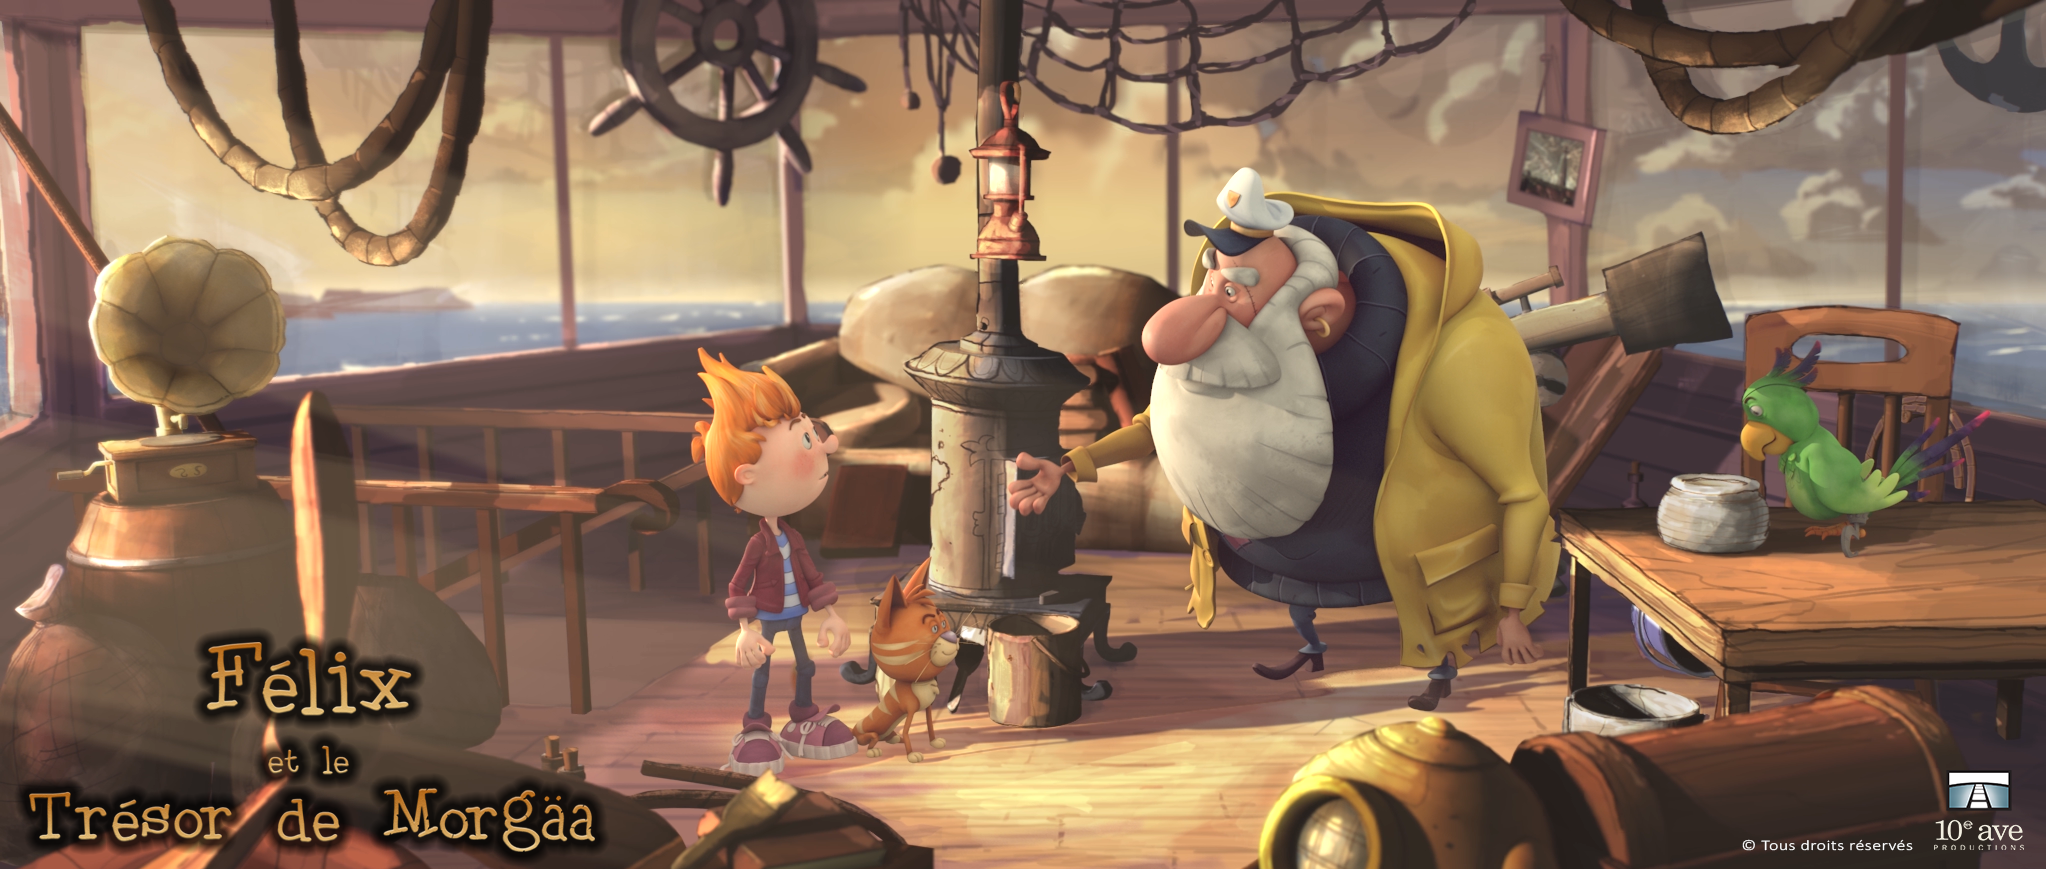 Félix et le trésor de Morgäa, long métrage d'animation retenu par la SODEC